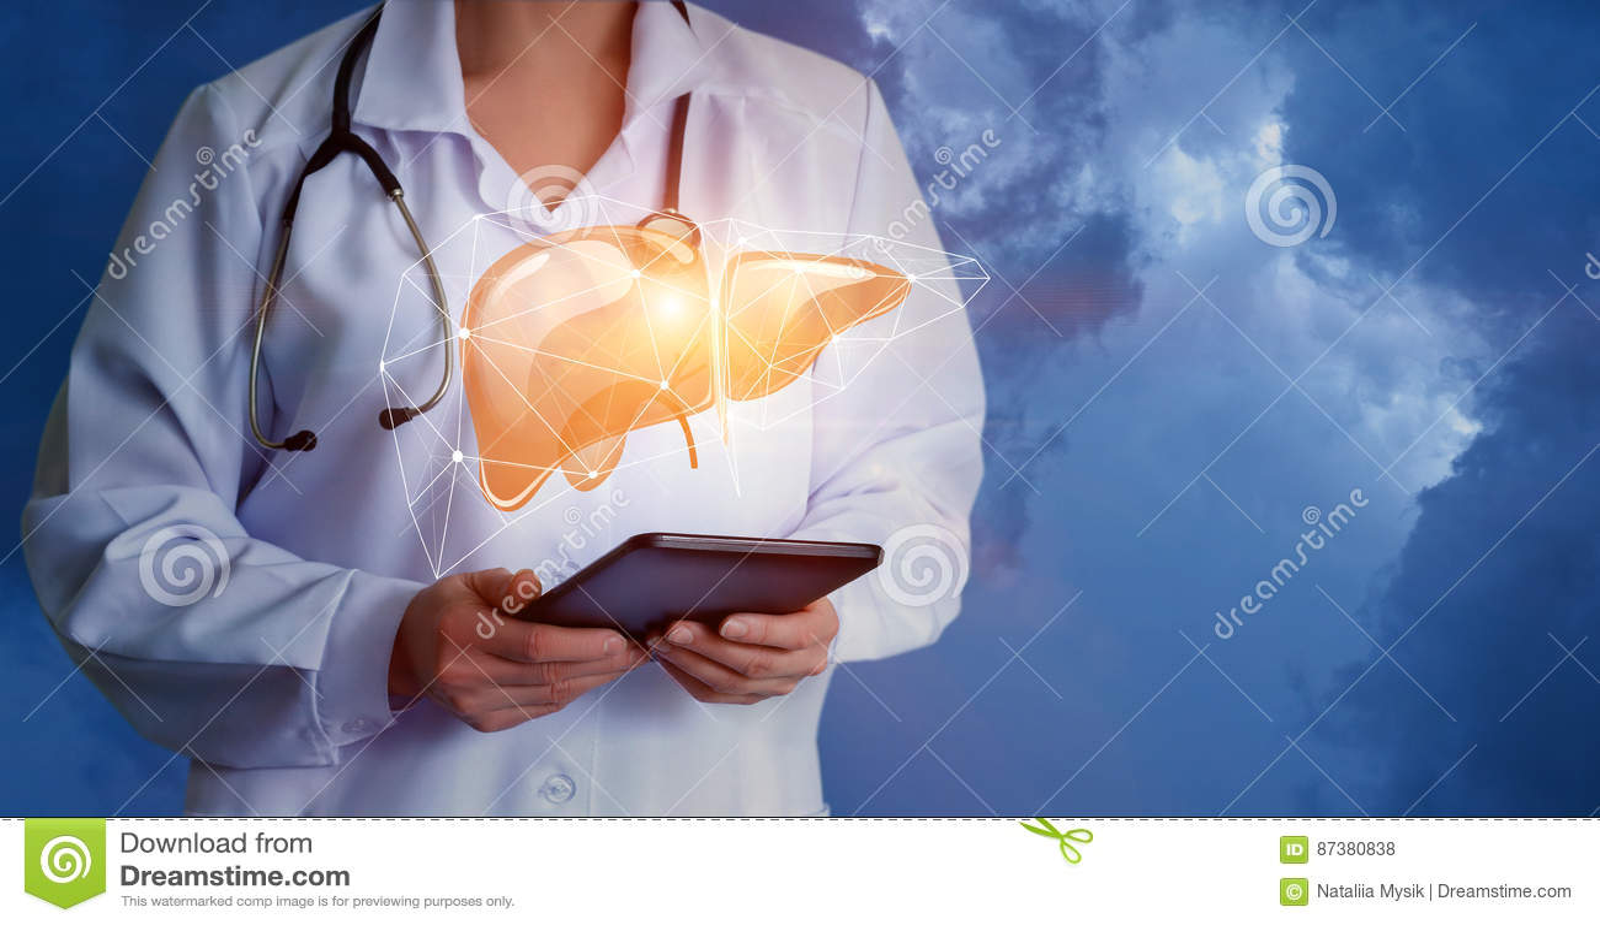 Médico firma hígado